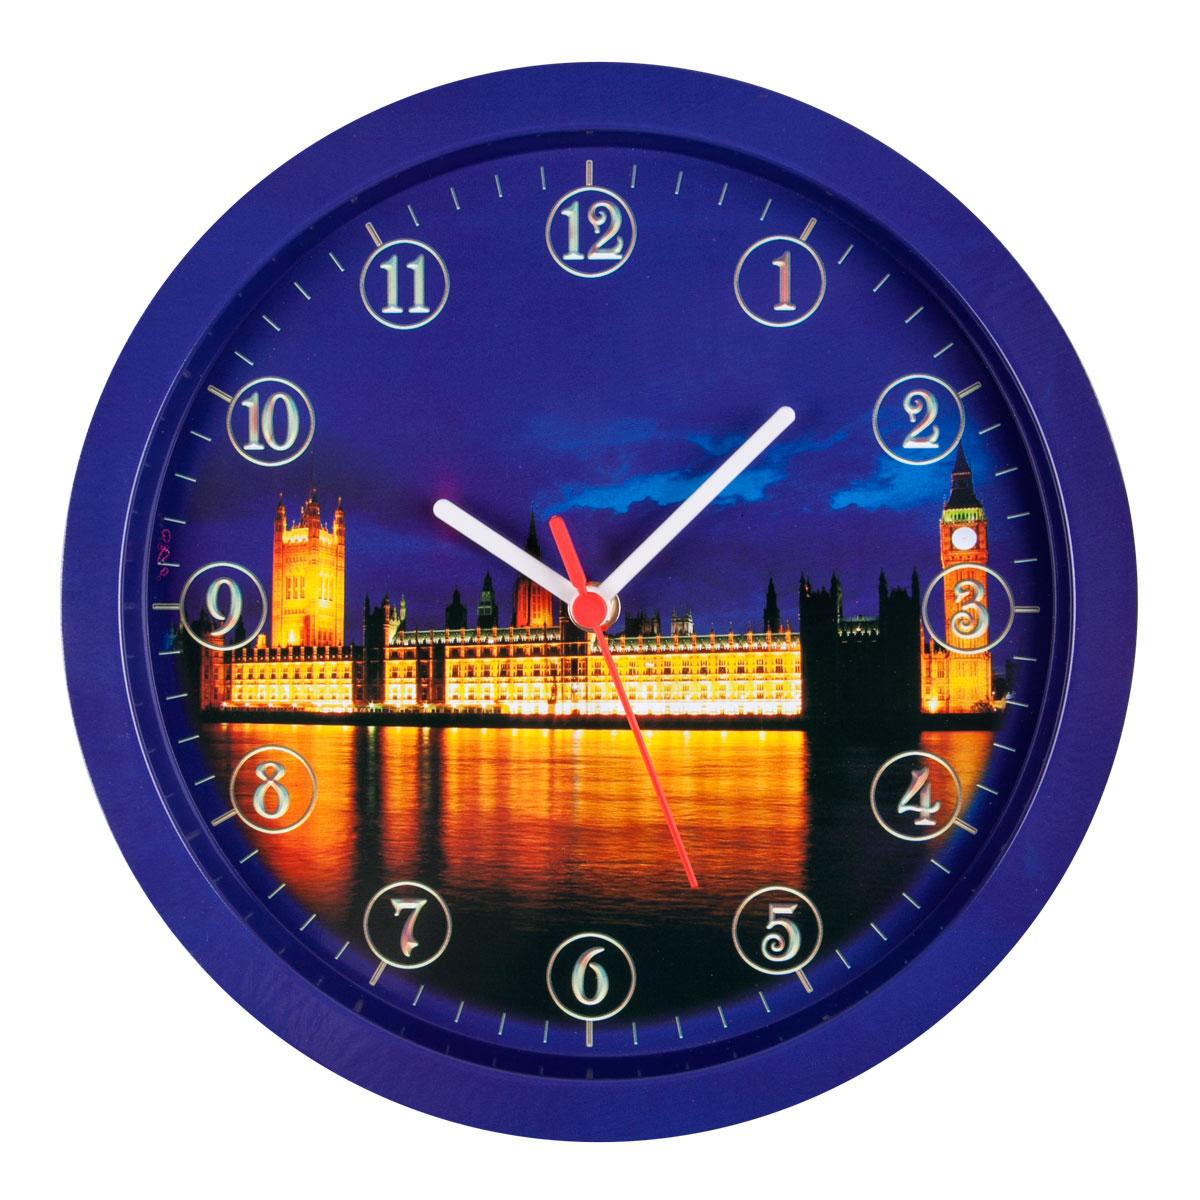 Часы настенные Miolla Лондон, цвет: синий, оранжевыйCL-08Оригинальные настенные часы круглой формы выполнены из стали. Часы имеют три стрелки - часовую, минутную и секундную и циферблат с цифрами. Необычное дизайнерское решение и качество исполнения придутся по вкусу каждому. Оформите свой дом таким интерьерным аксессуаром или преподнесите его в качестве презента друзьям, и они оценят ваш оригинальный вкус и неординарность подарка.